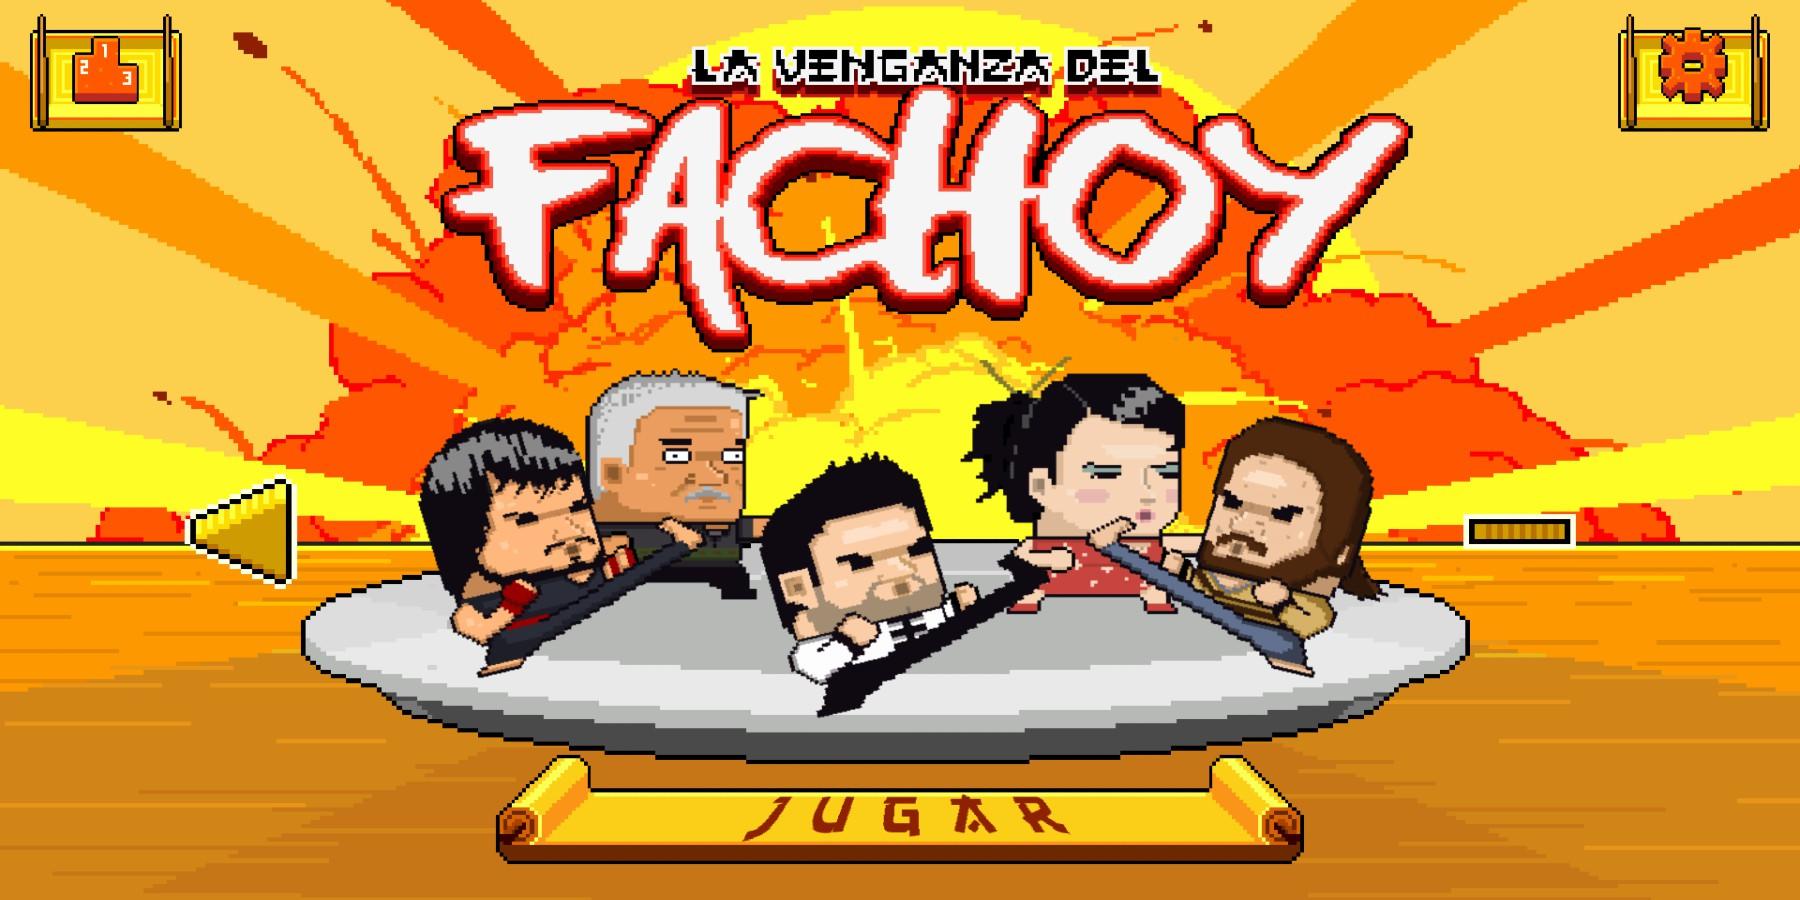 La Venganza del Fachoy ahora en videojuego para Android y iOS